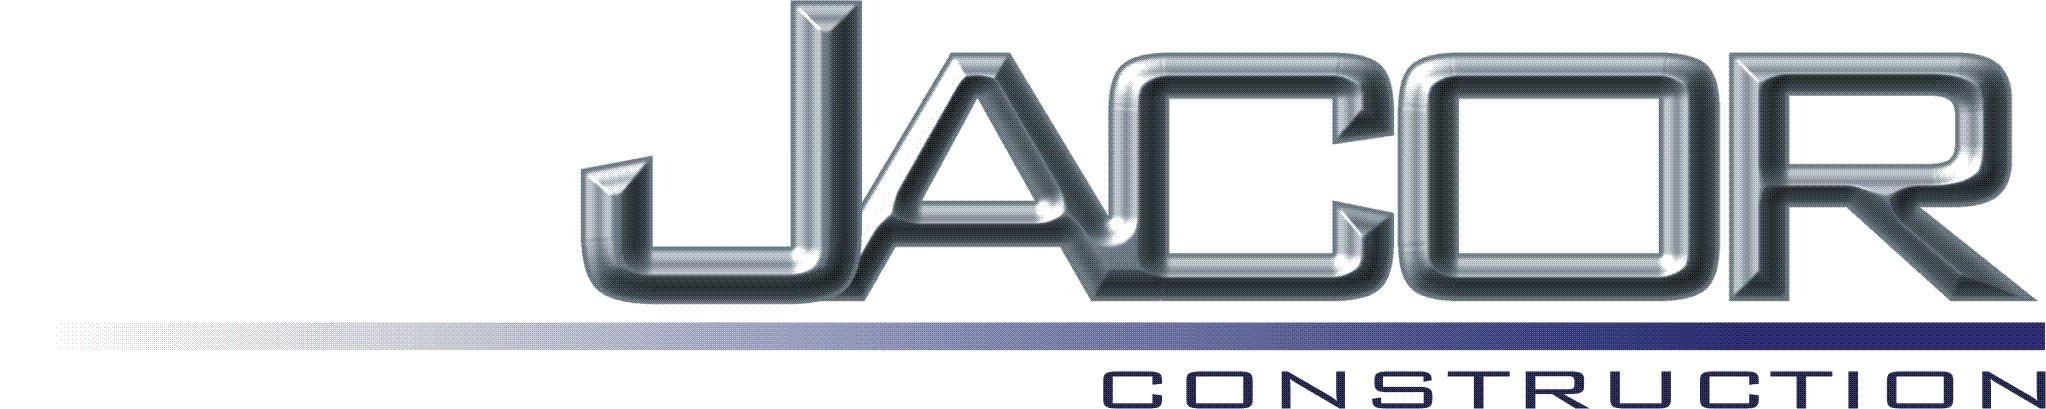 Jacor Construction